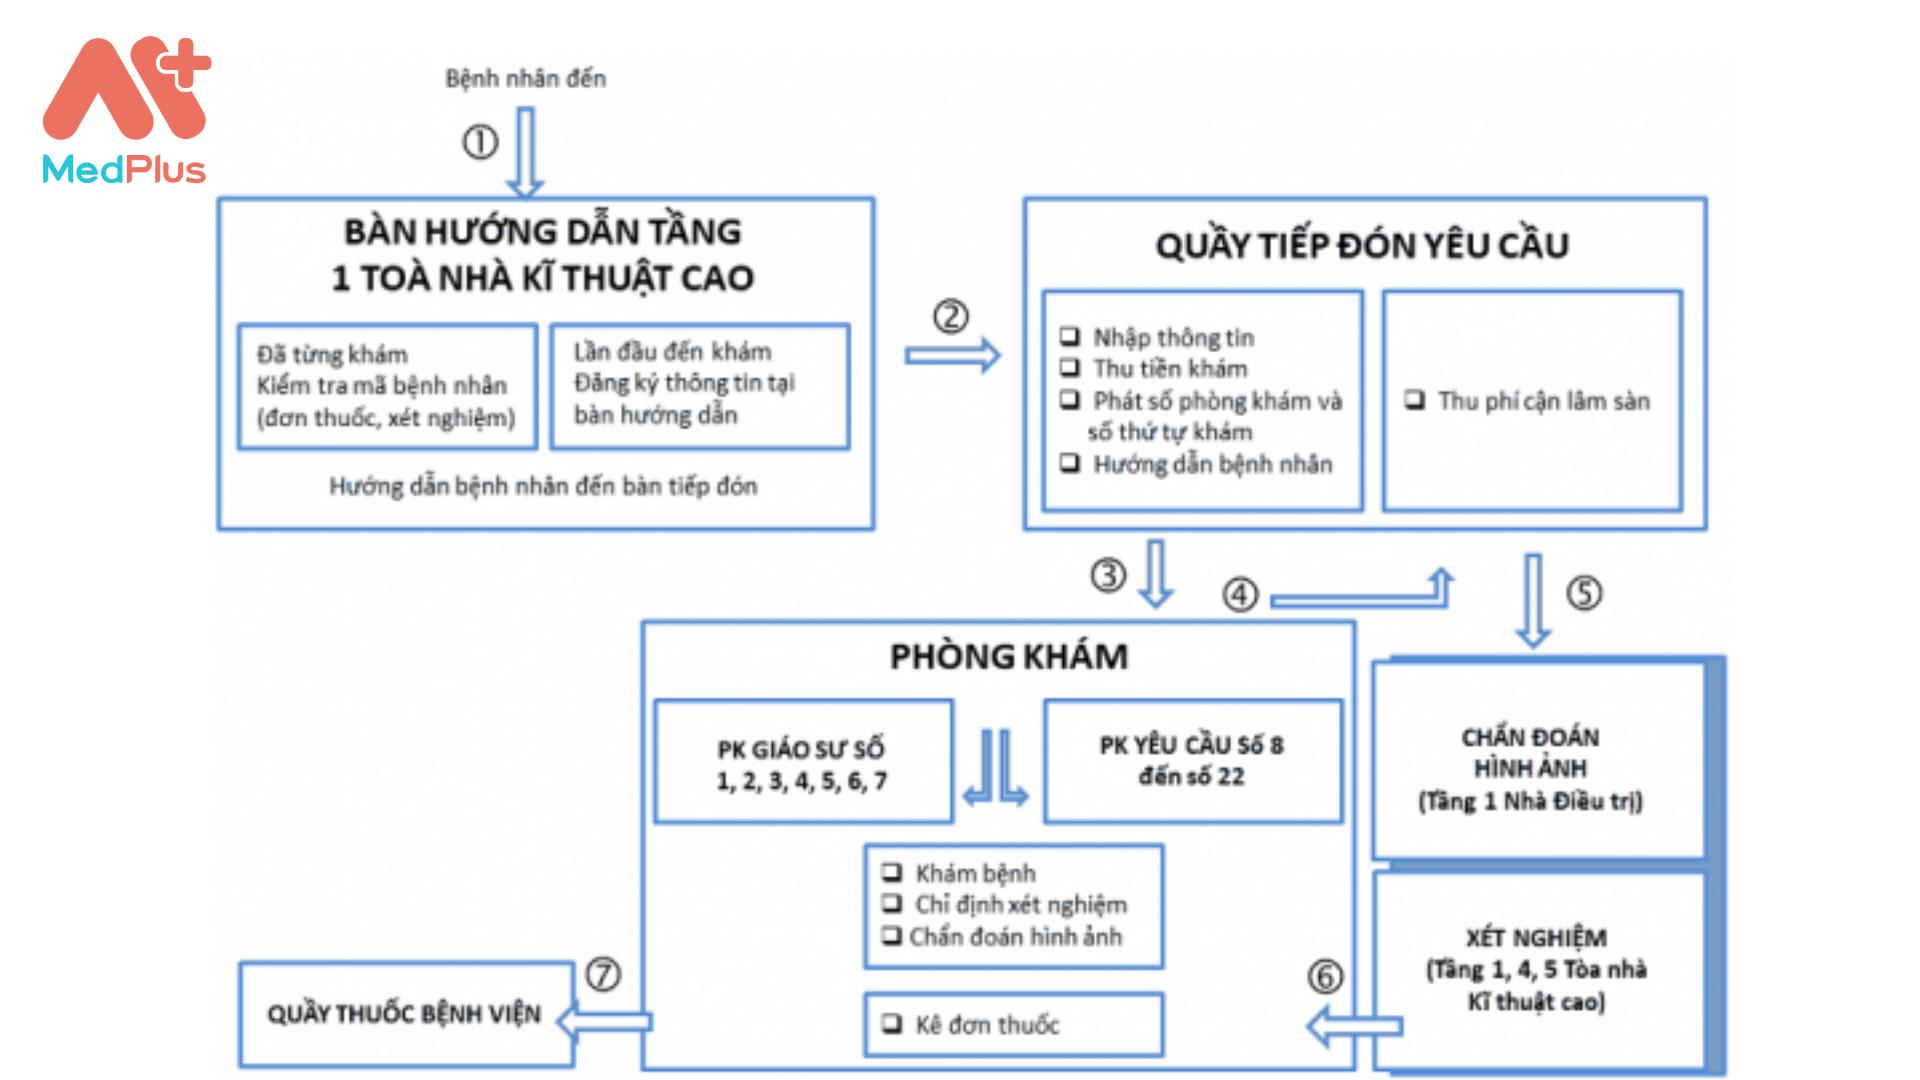 Quy trình khám bệnh viện Da liễu Đà Nẵng - khám theo yêu cầu